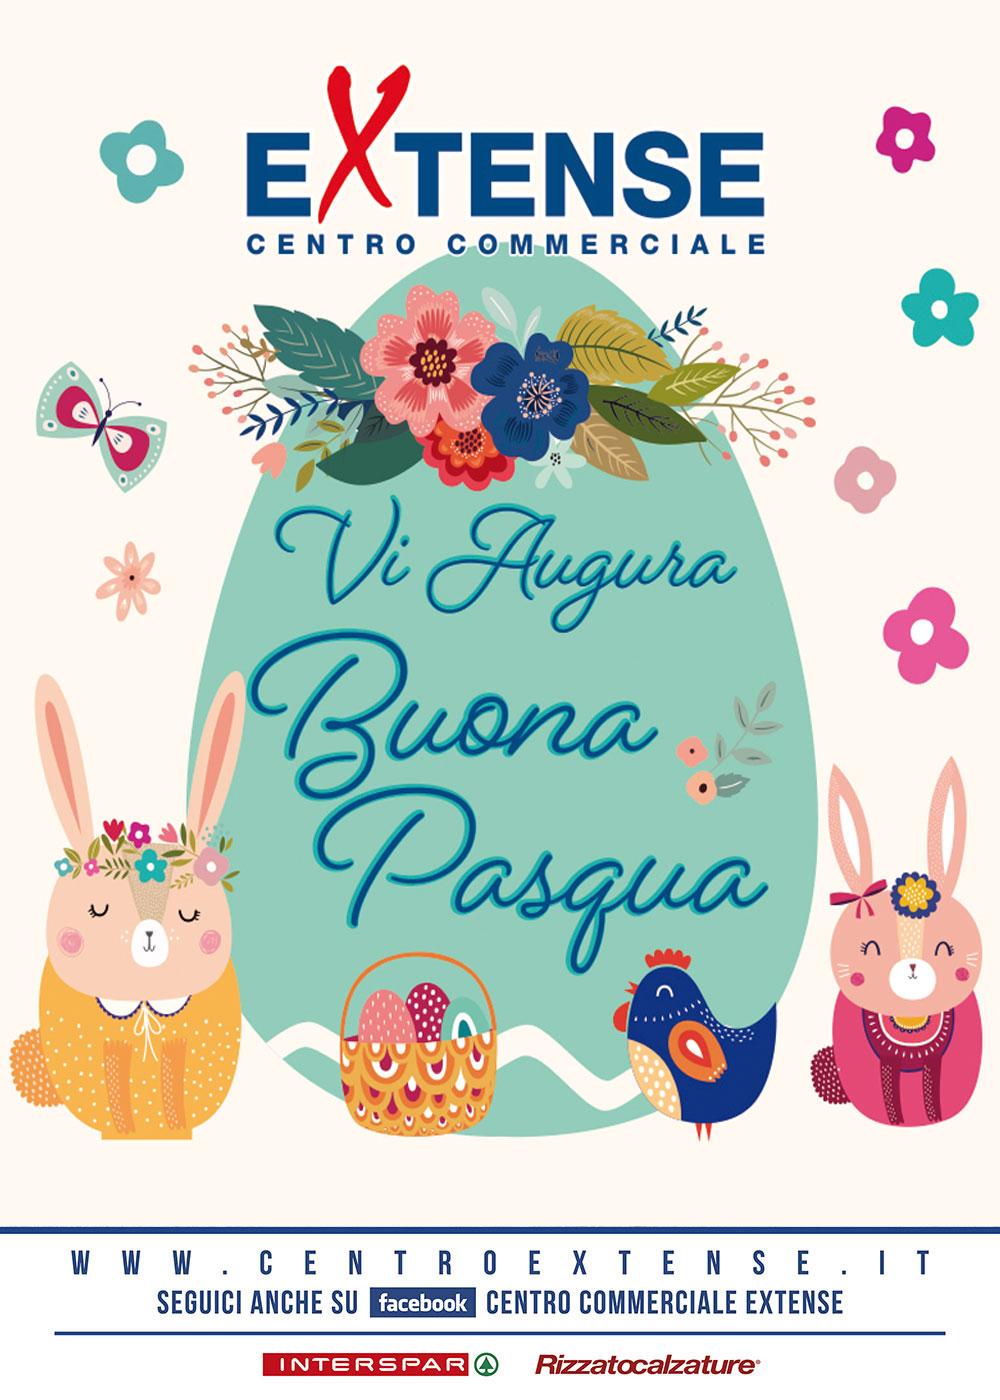 Pasqua 2021 - Centro Commerciale Extense - 4/5 aprile 2021